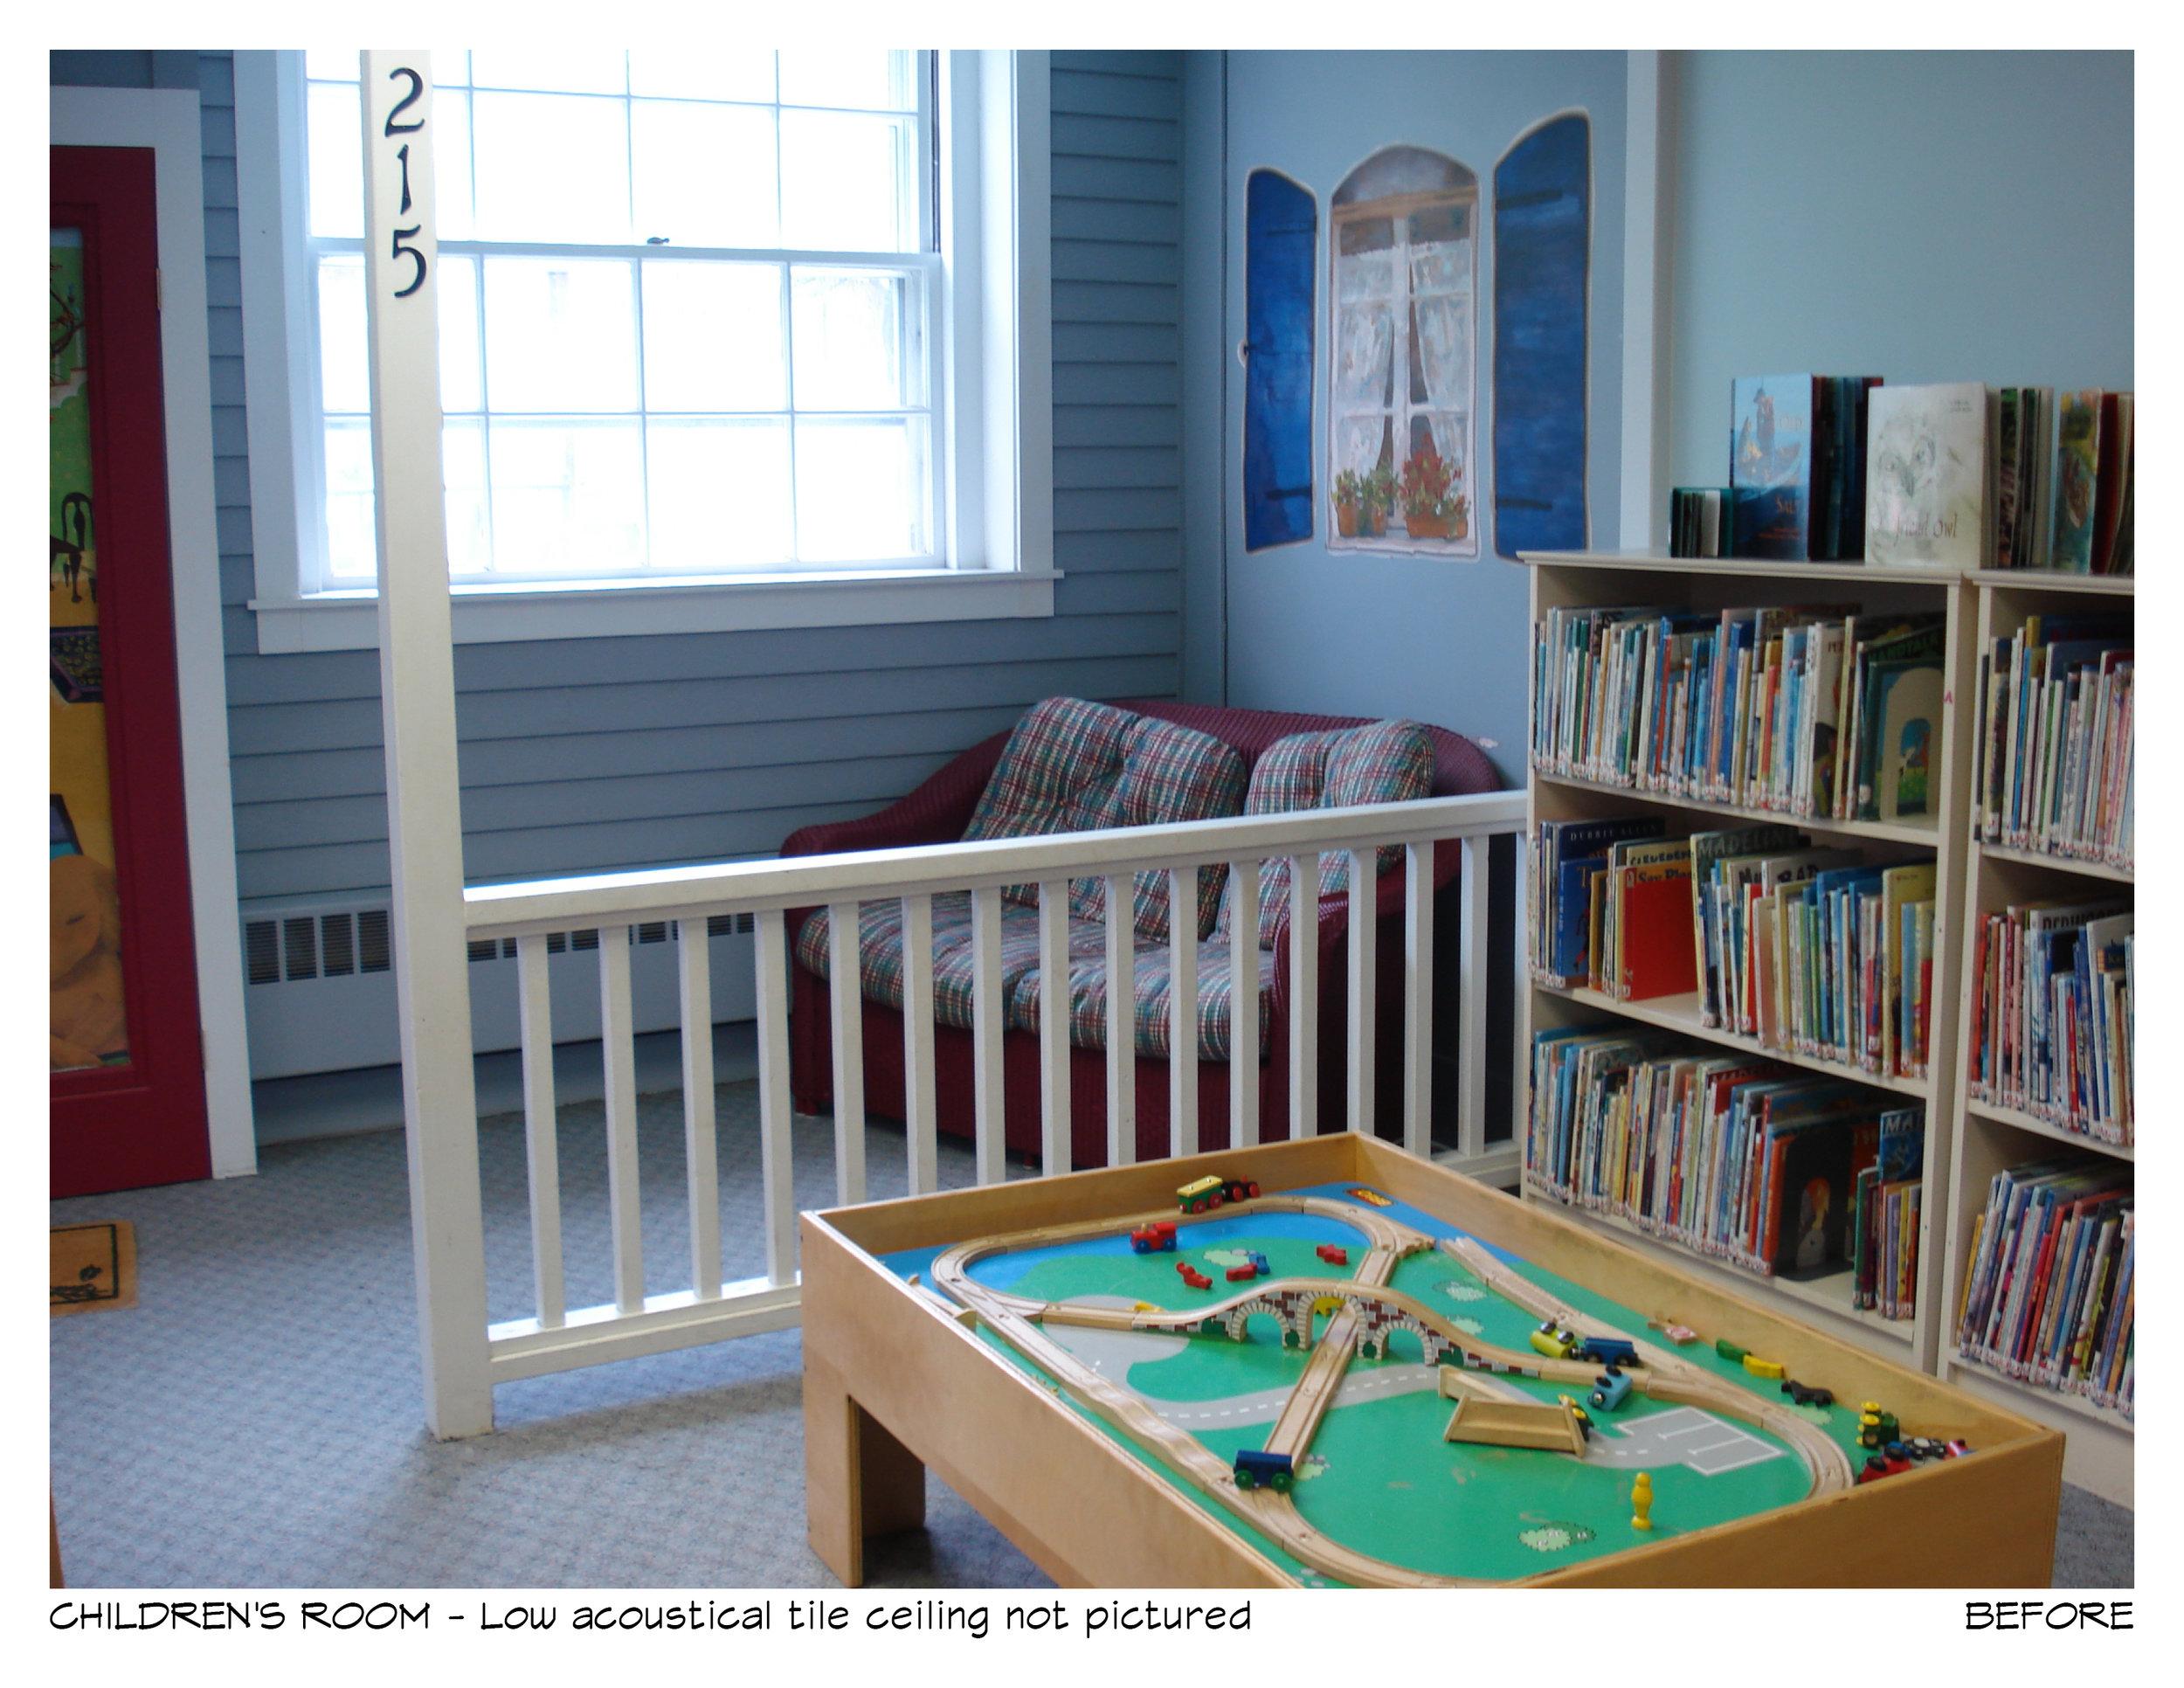 Merrill Lib_16_Childrens Room Before_2016_0722.jpg